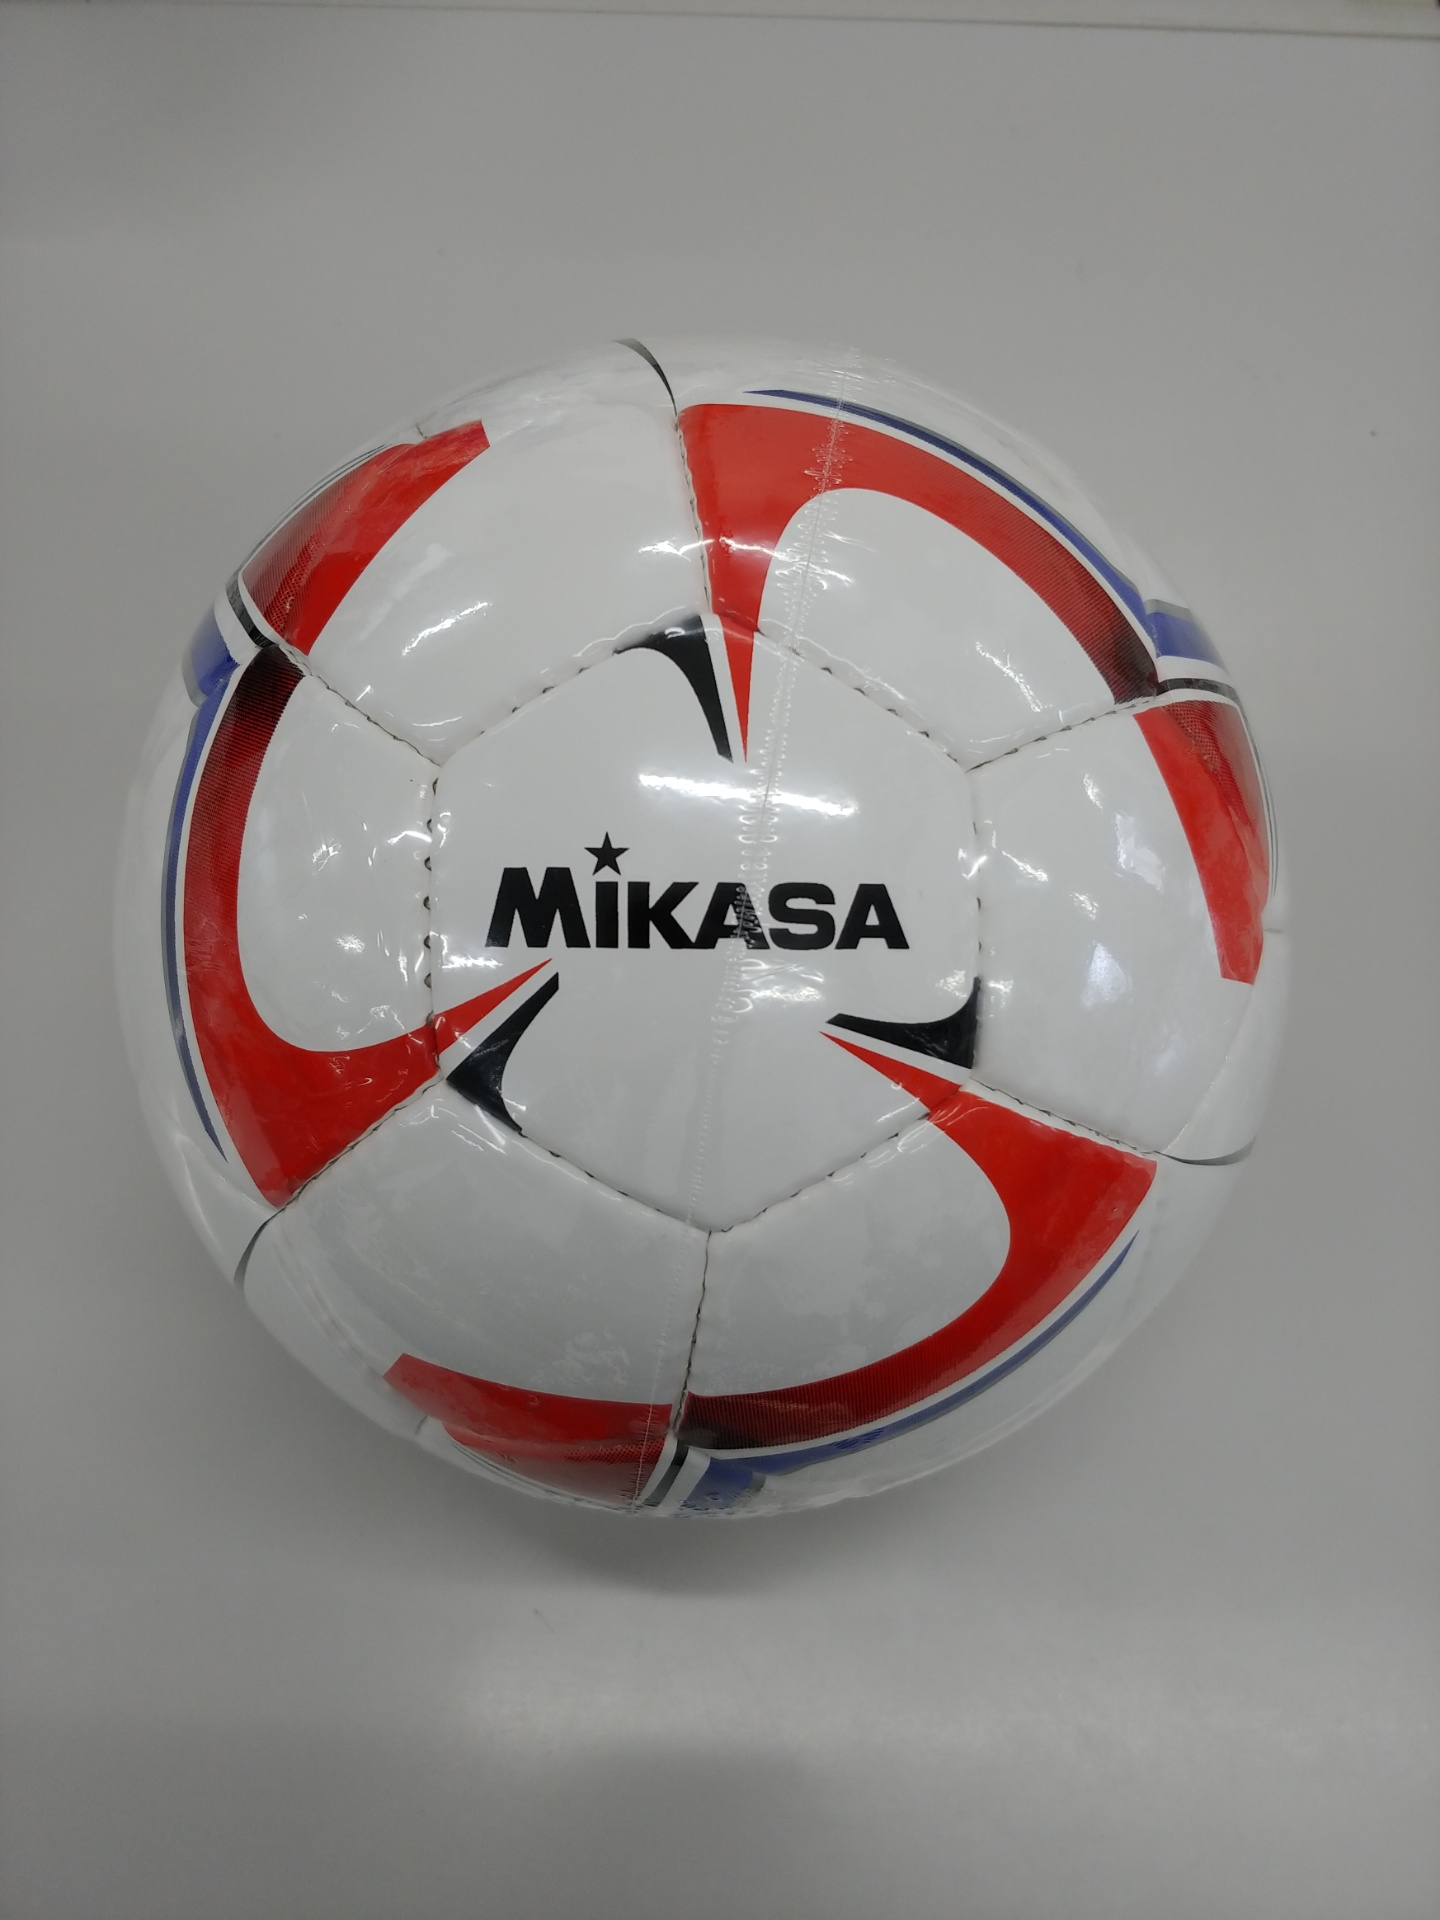 お値打ち価格の検定球です ミカサ MIKASA サッカーボール 小学生用 検定球 バーゲンセール 4号球 発売モデル SVC40V-W-RBL